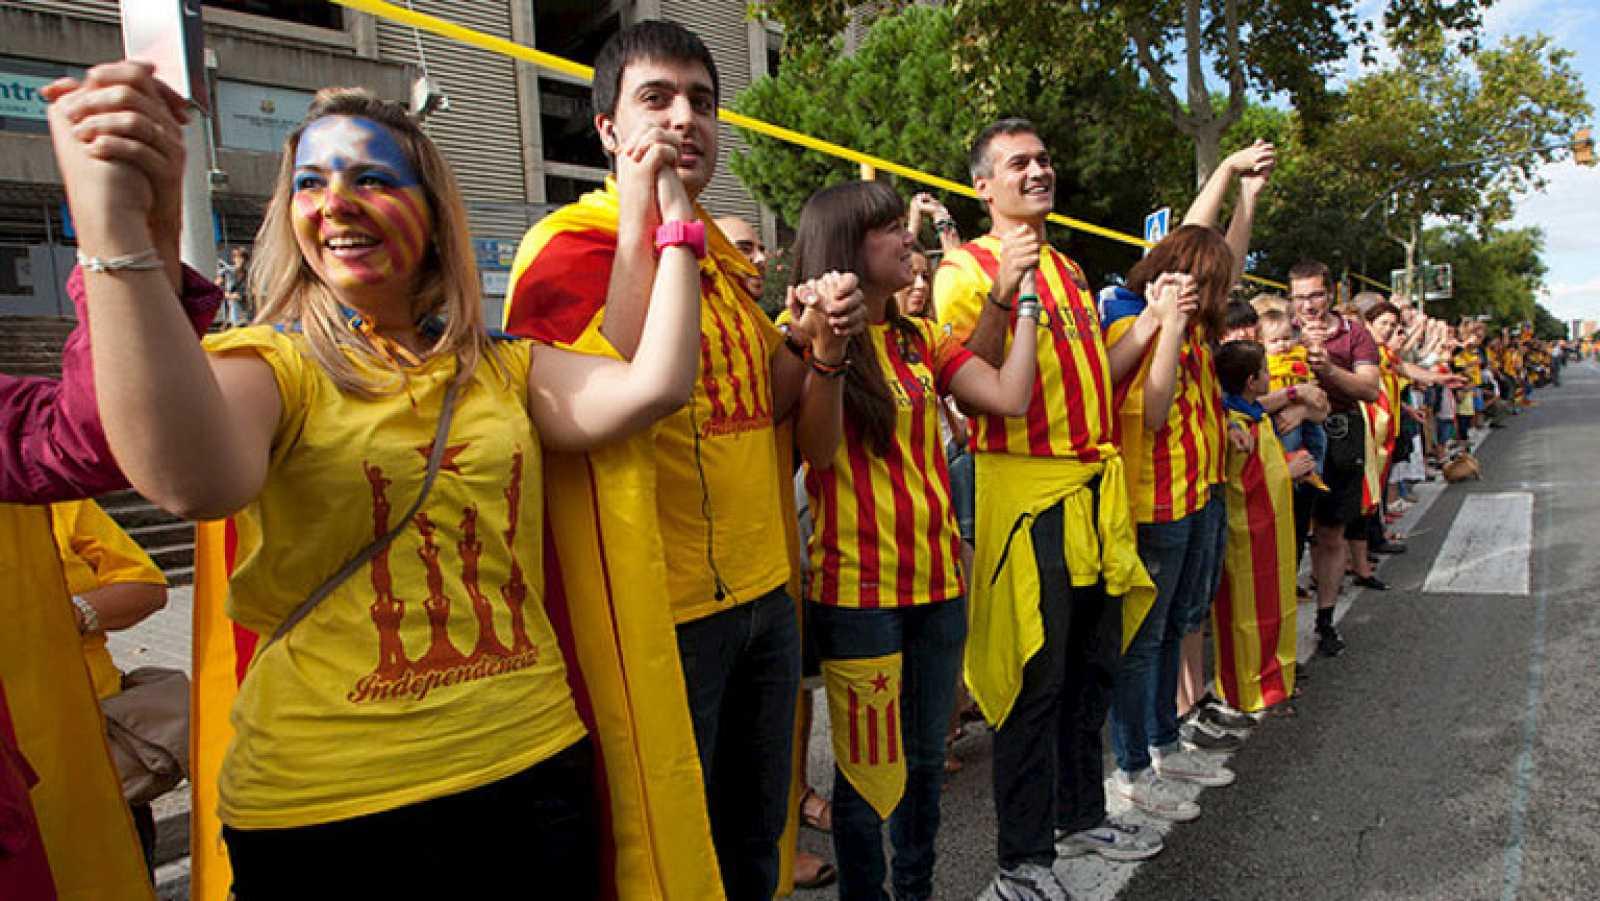 Cientos de miles de personas reivindican la independencia de Cataluña con una cadena humana